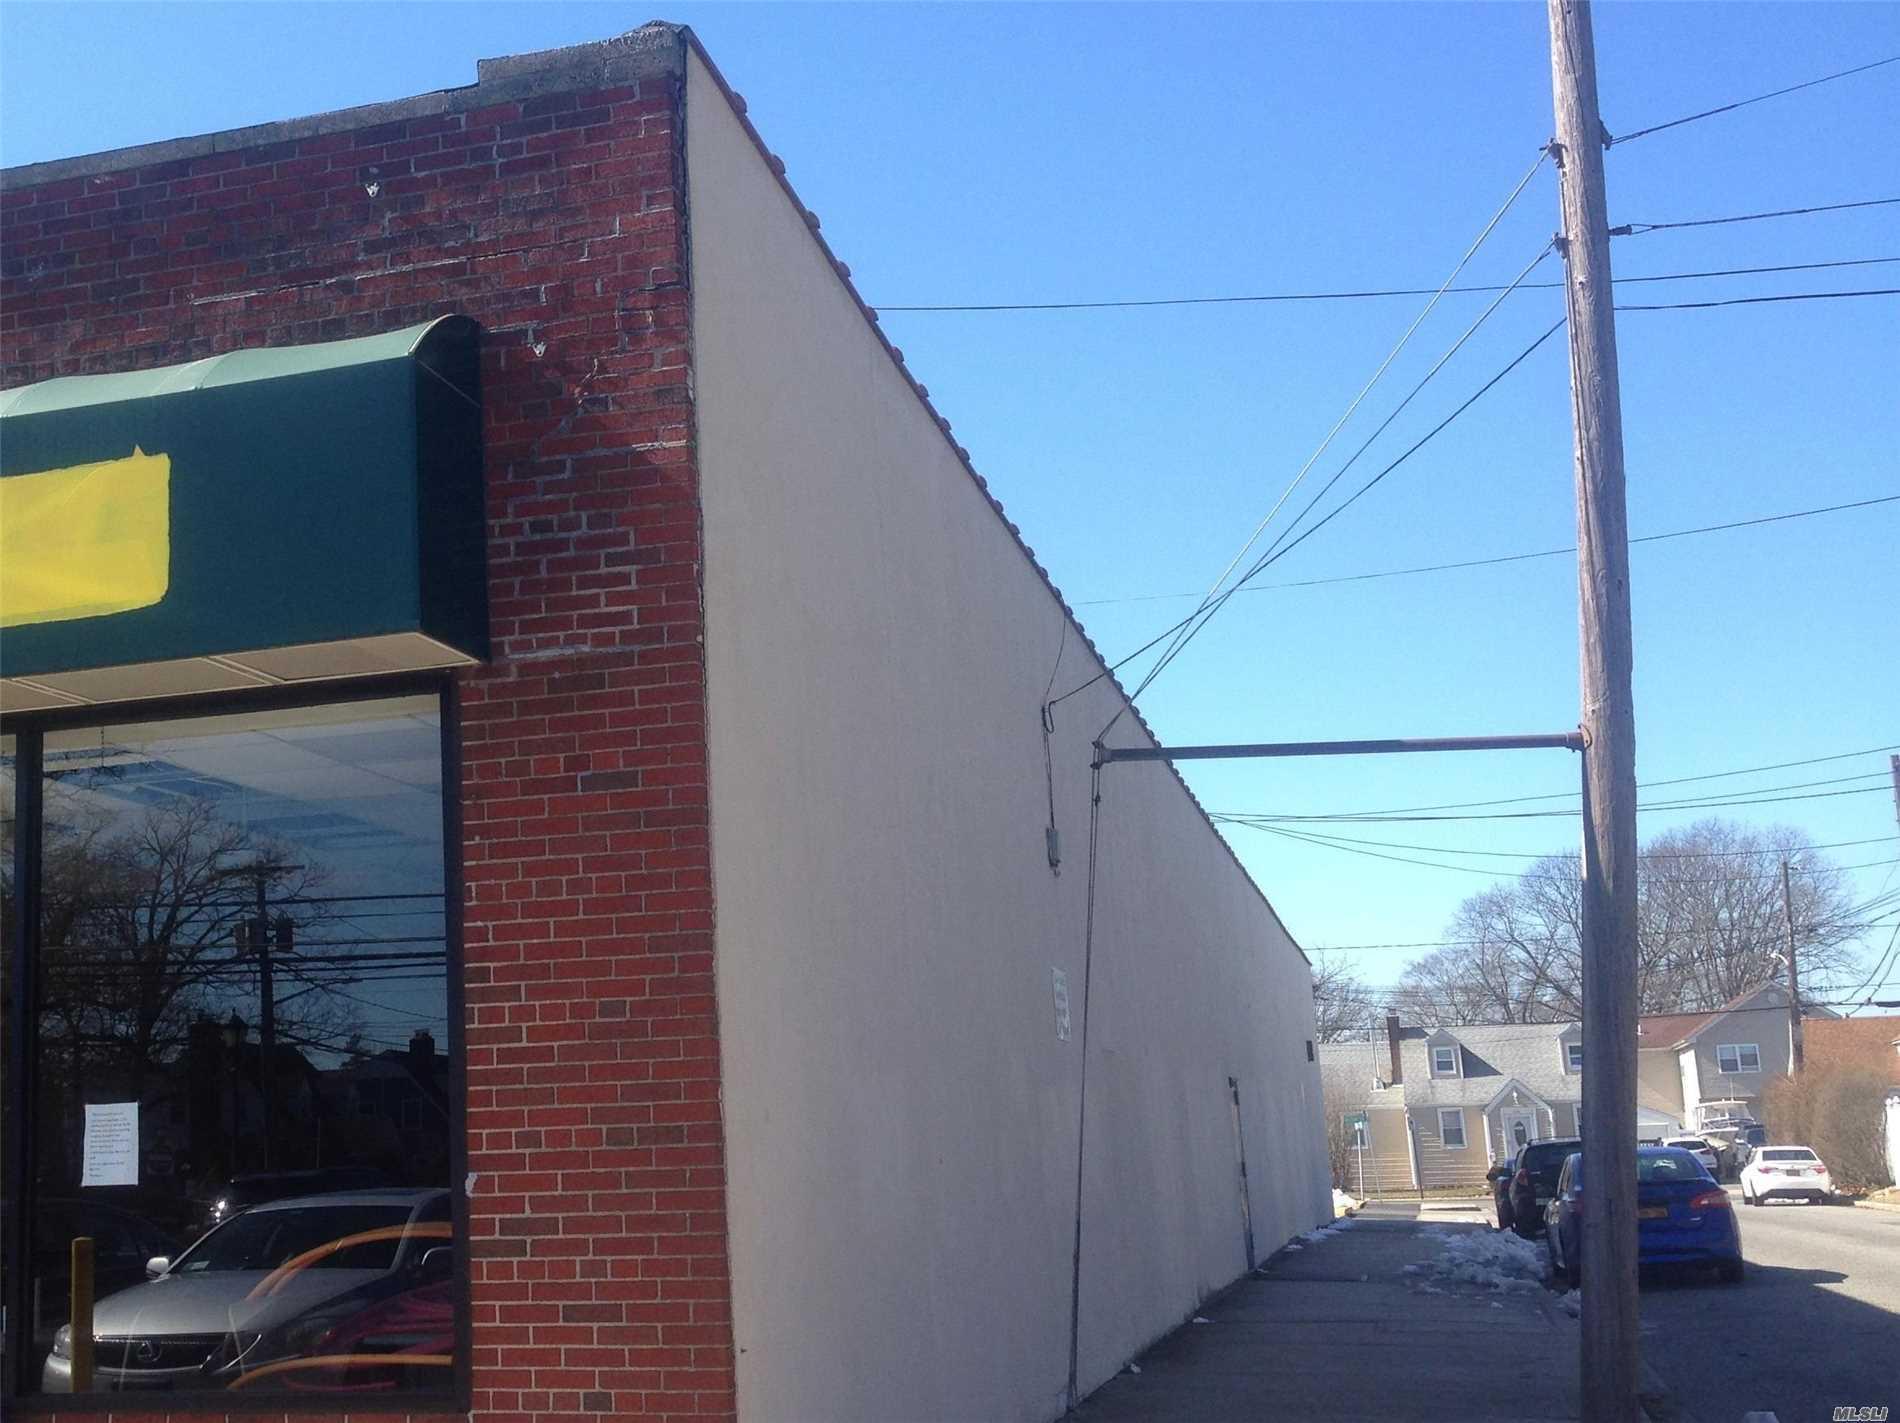 1750 N Merrick Ave - Merrick, New York